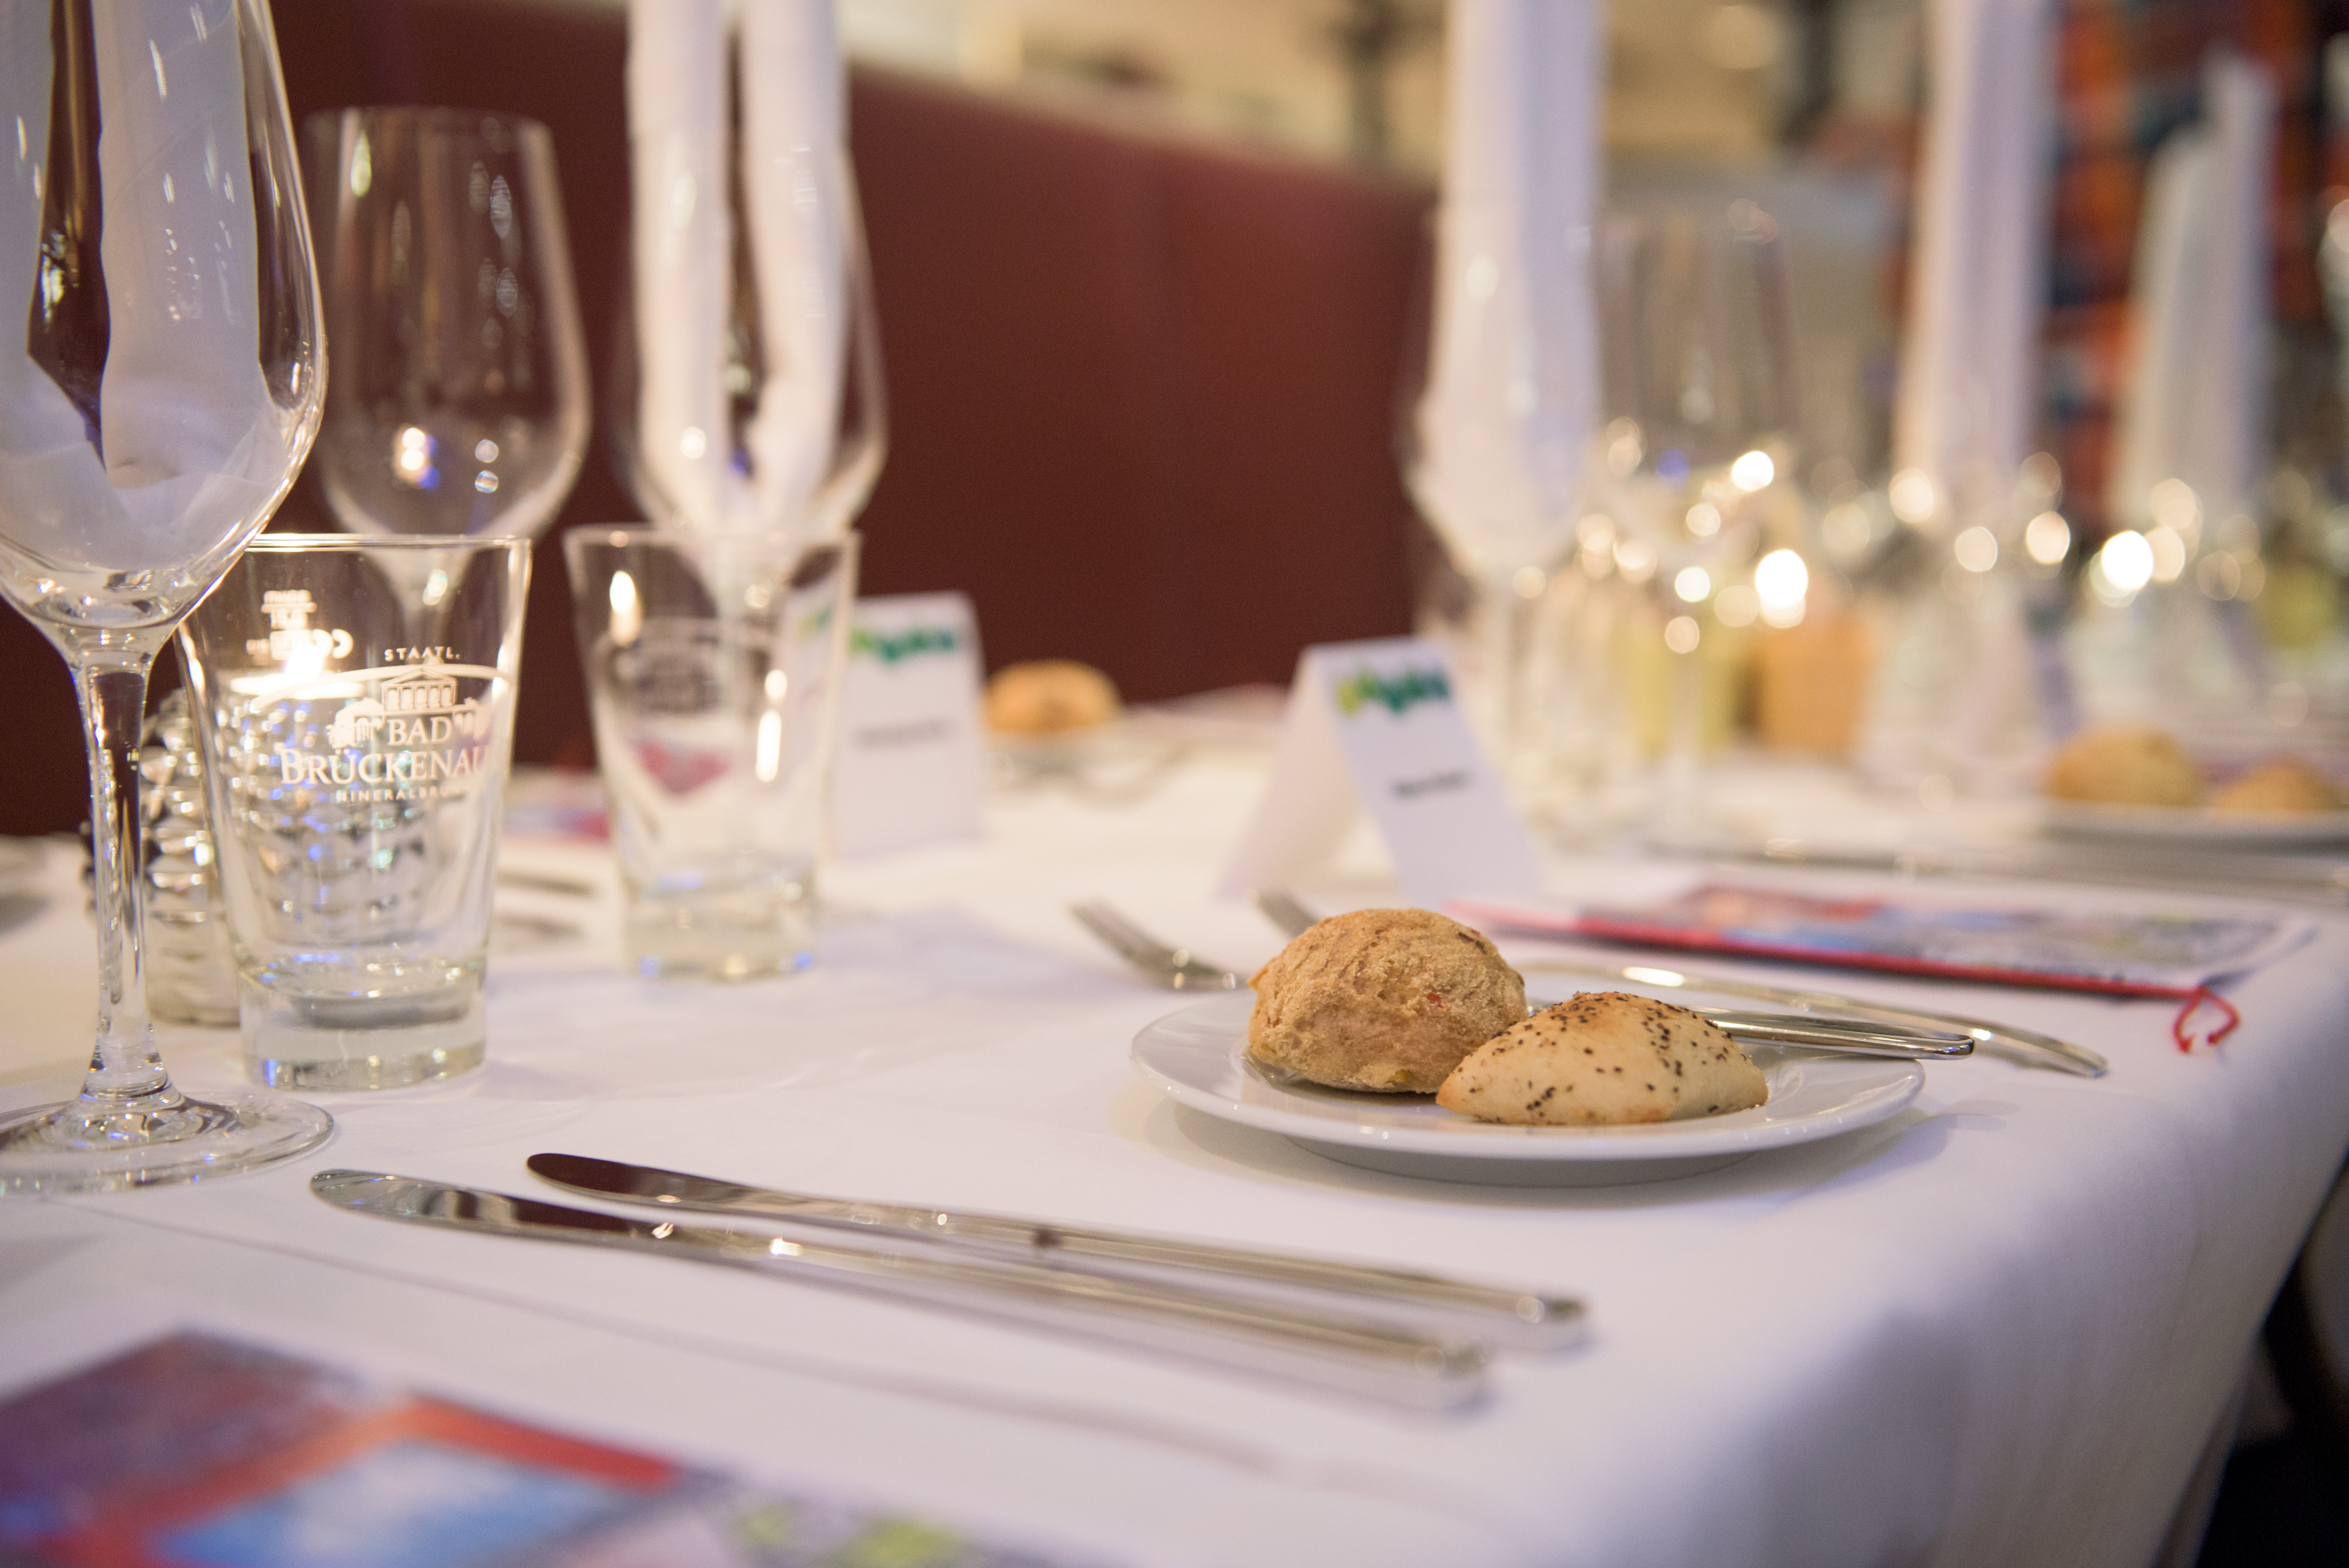 Mövenpick Restaurant Kröpcke